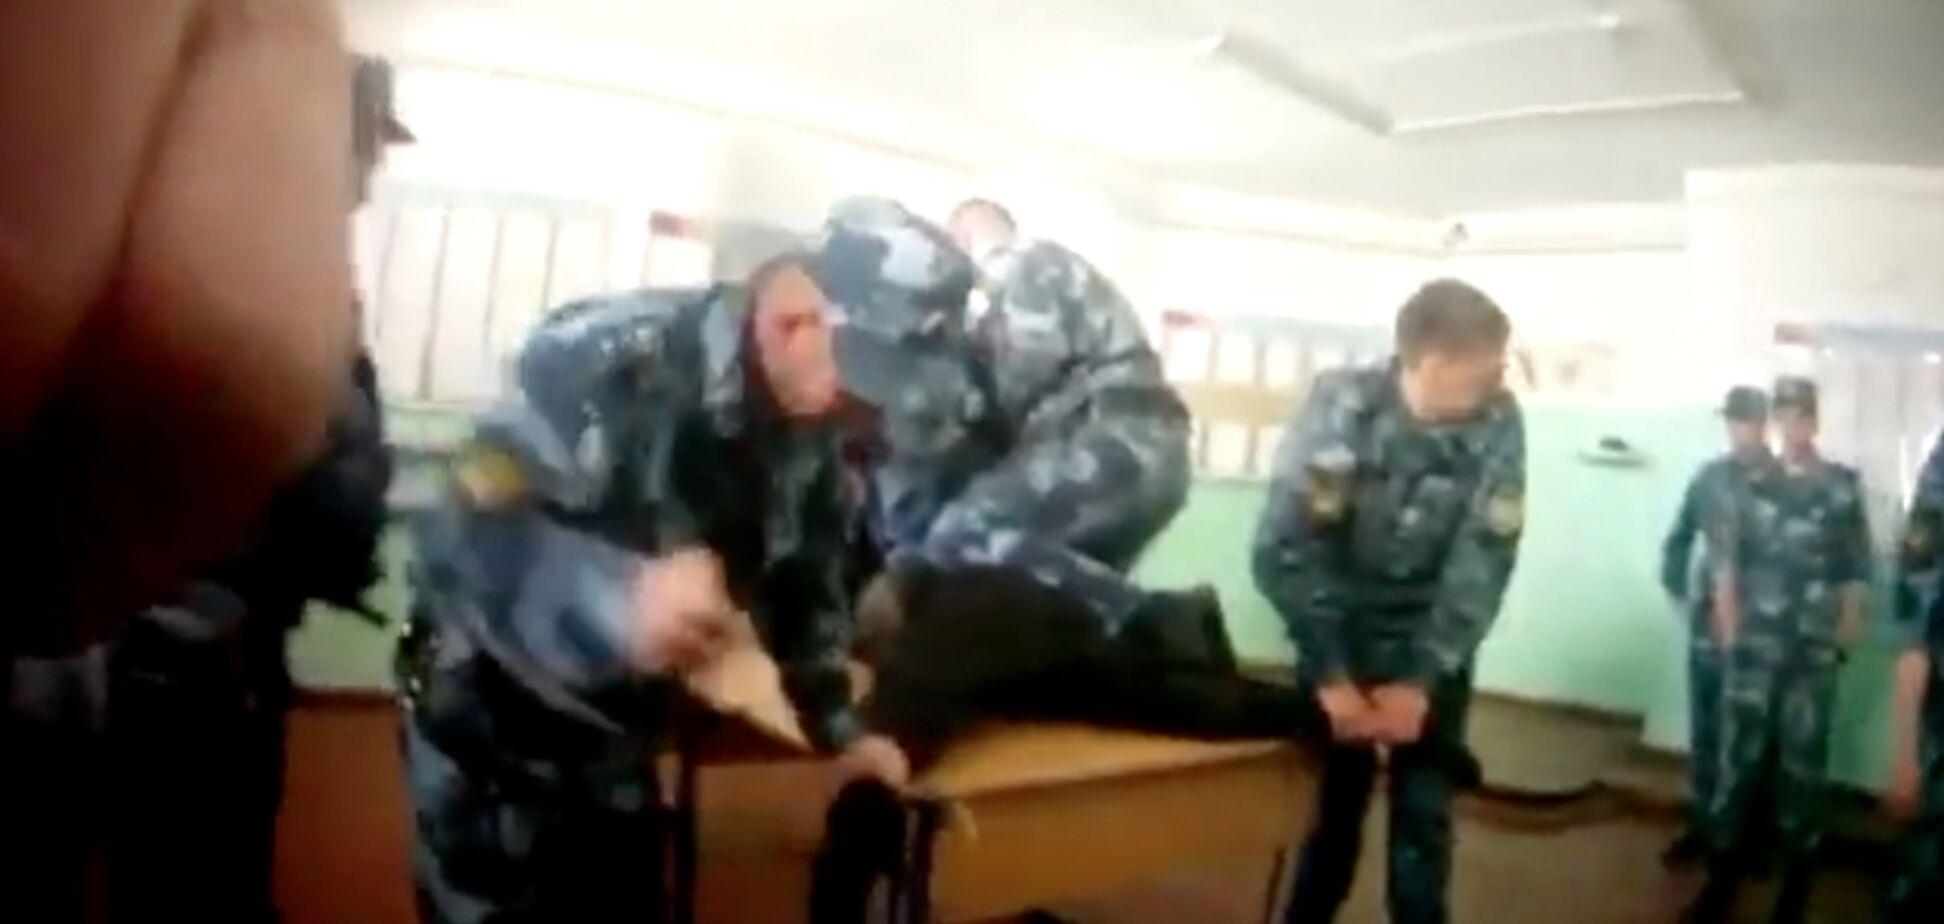 Слабонервным не смотреть: появилось видео жестоких пыток в российской колонии